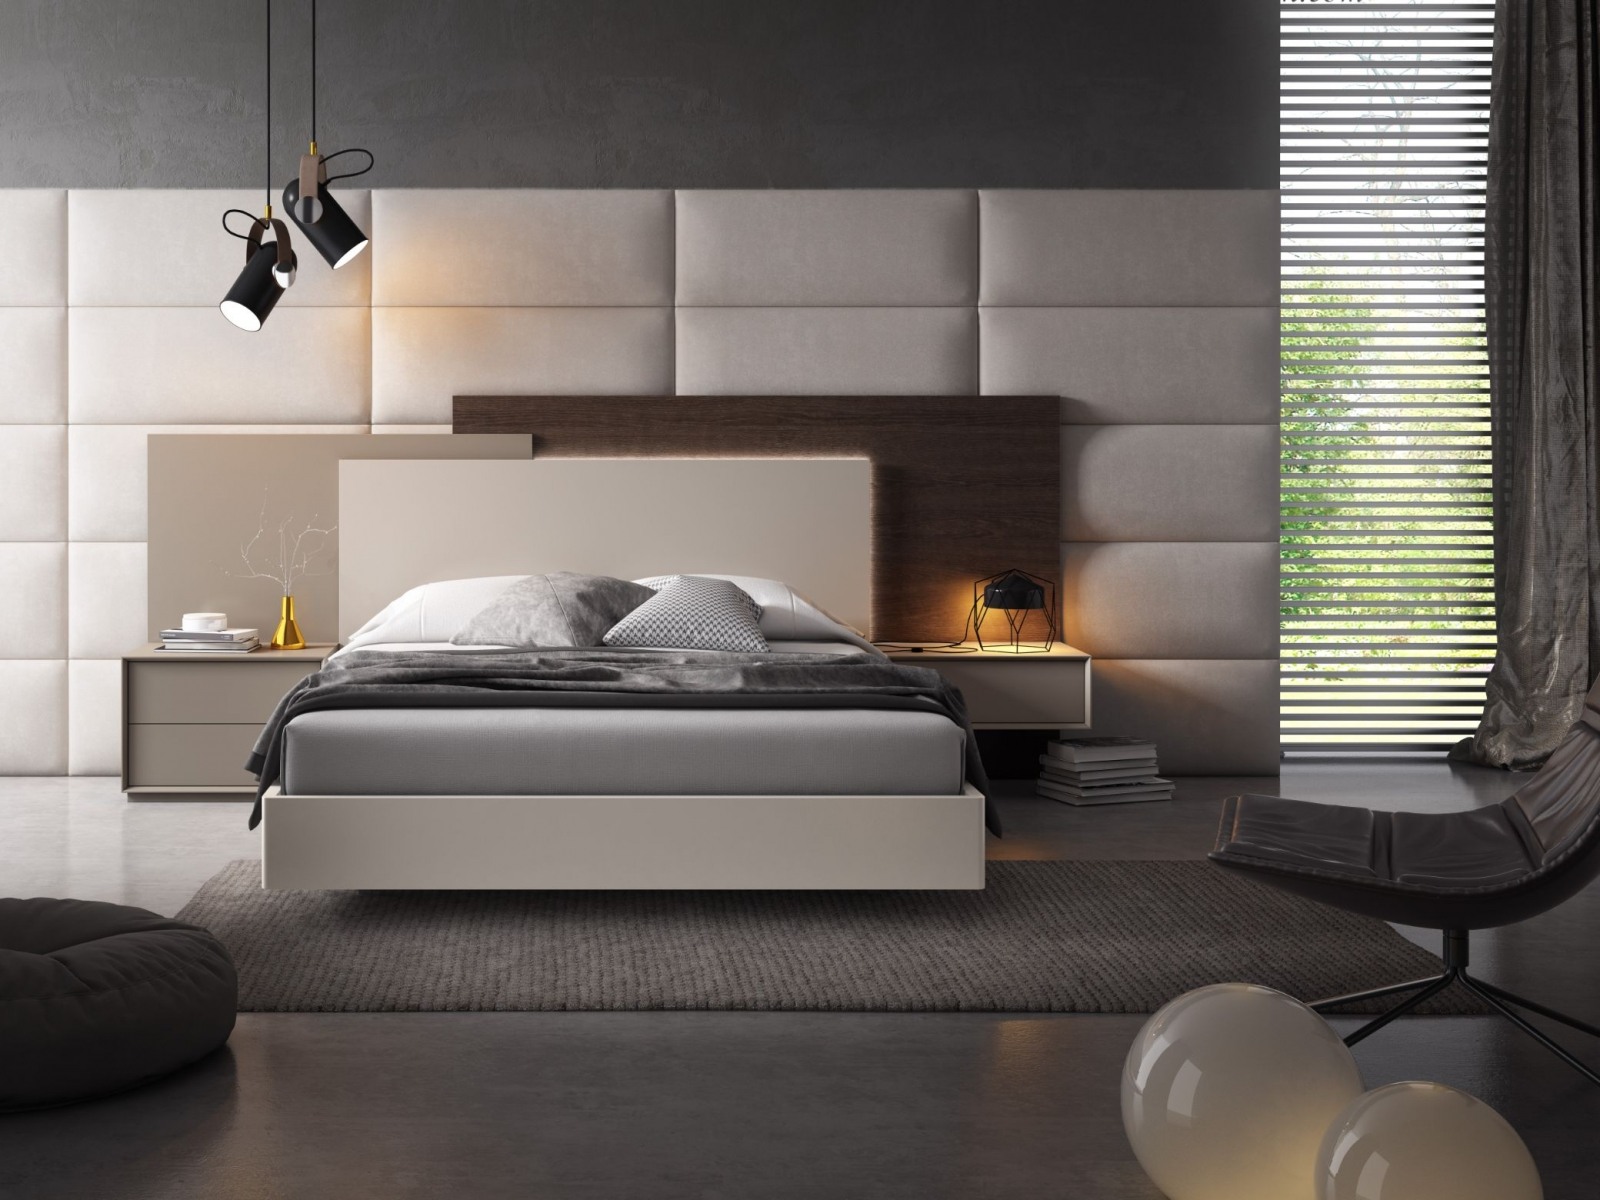 Conjunto de Dormitorio FREE-1 - Conjunto de Dormitorio FREE-1